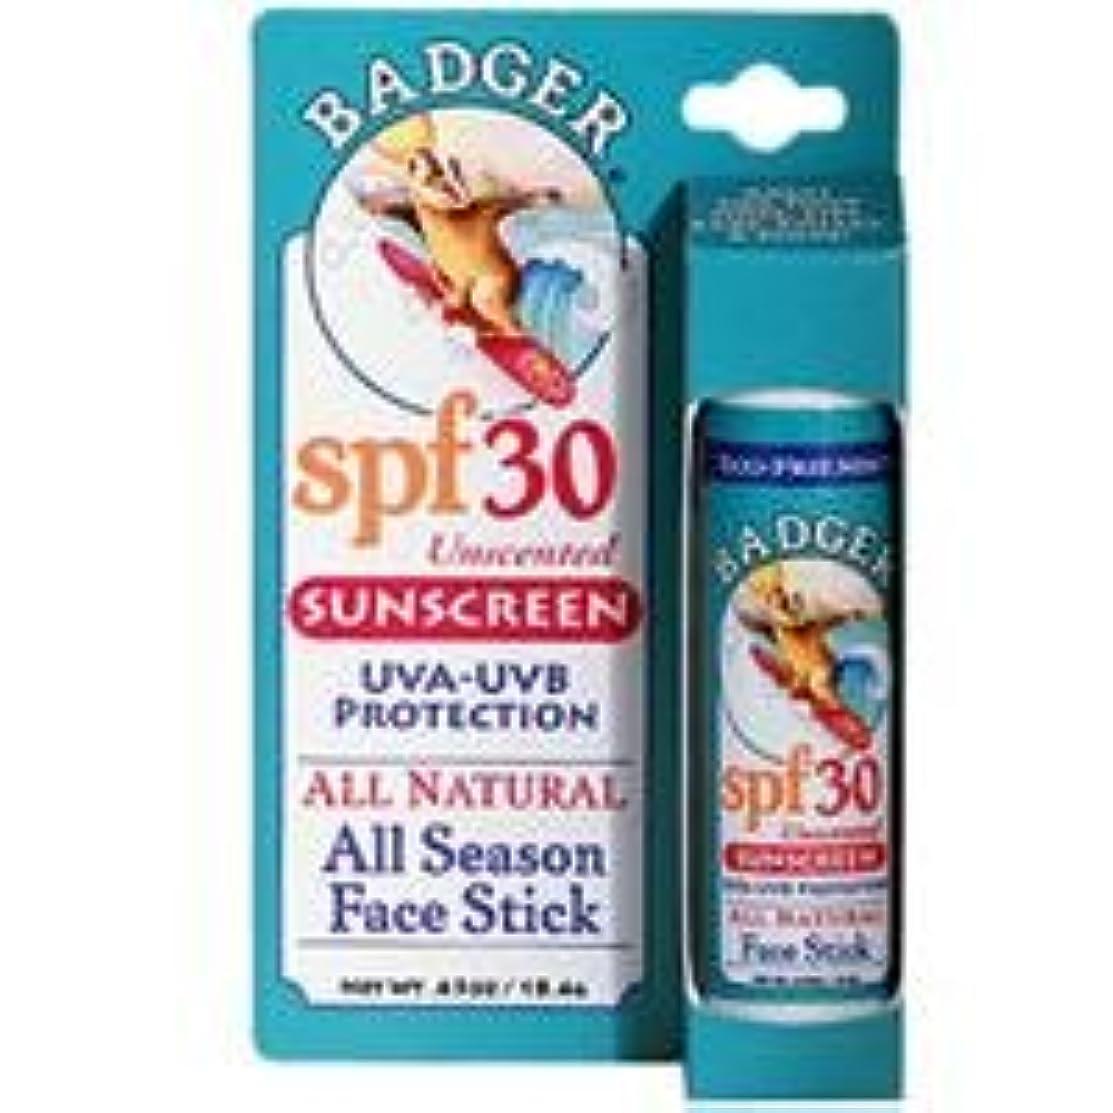 一時停止倉庫月[海外直送品] バジャー(Badger) フェイススティック サンスクリーン SPF30 18.4g (無香料)